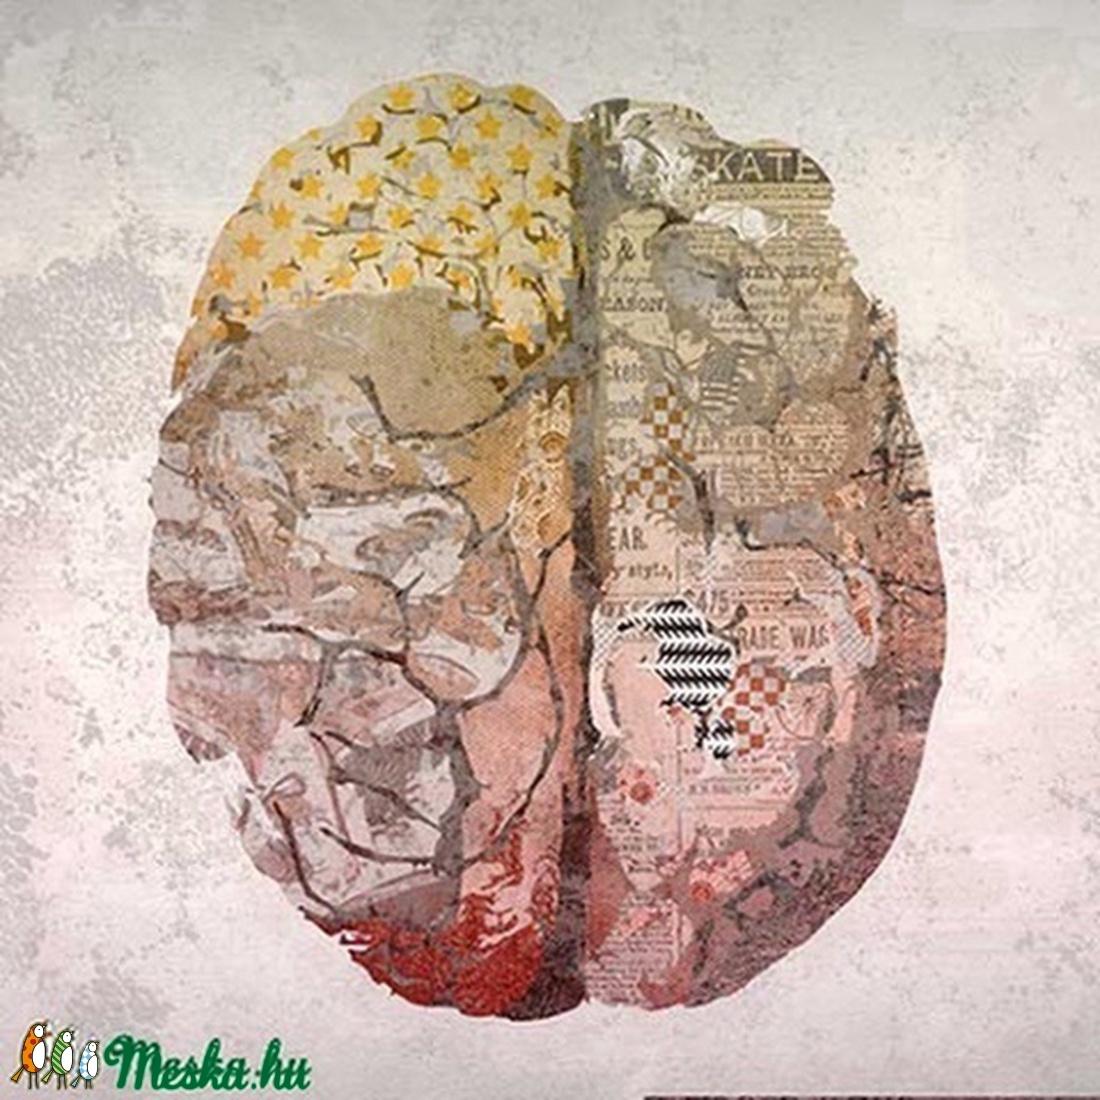 Csodálatos anatómia - Agy - illusztráció (schalleszter) - Meska.hu